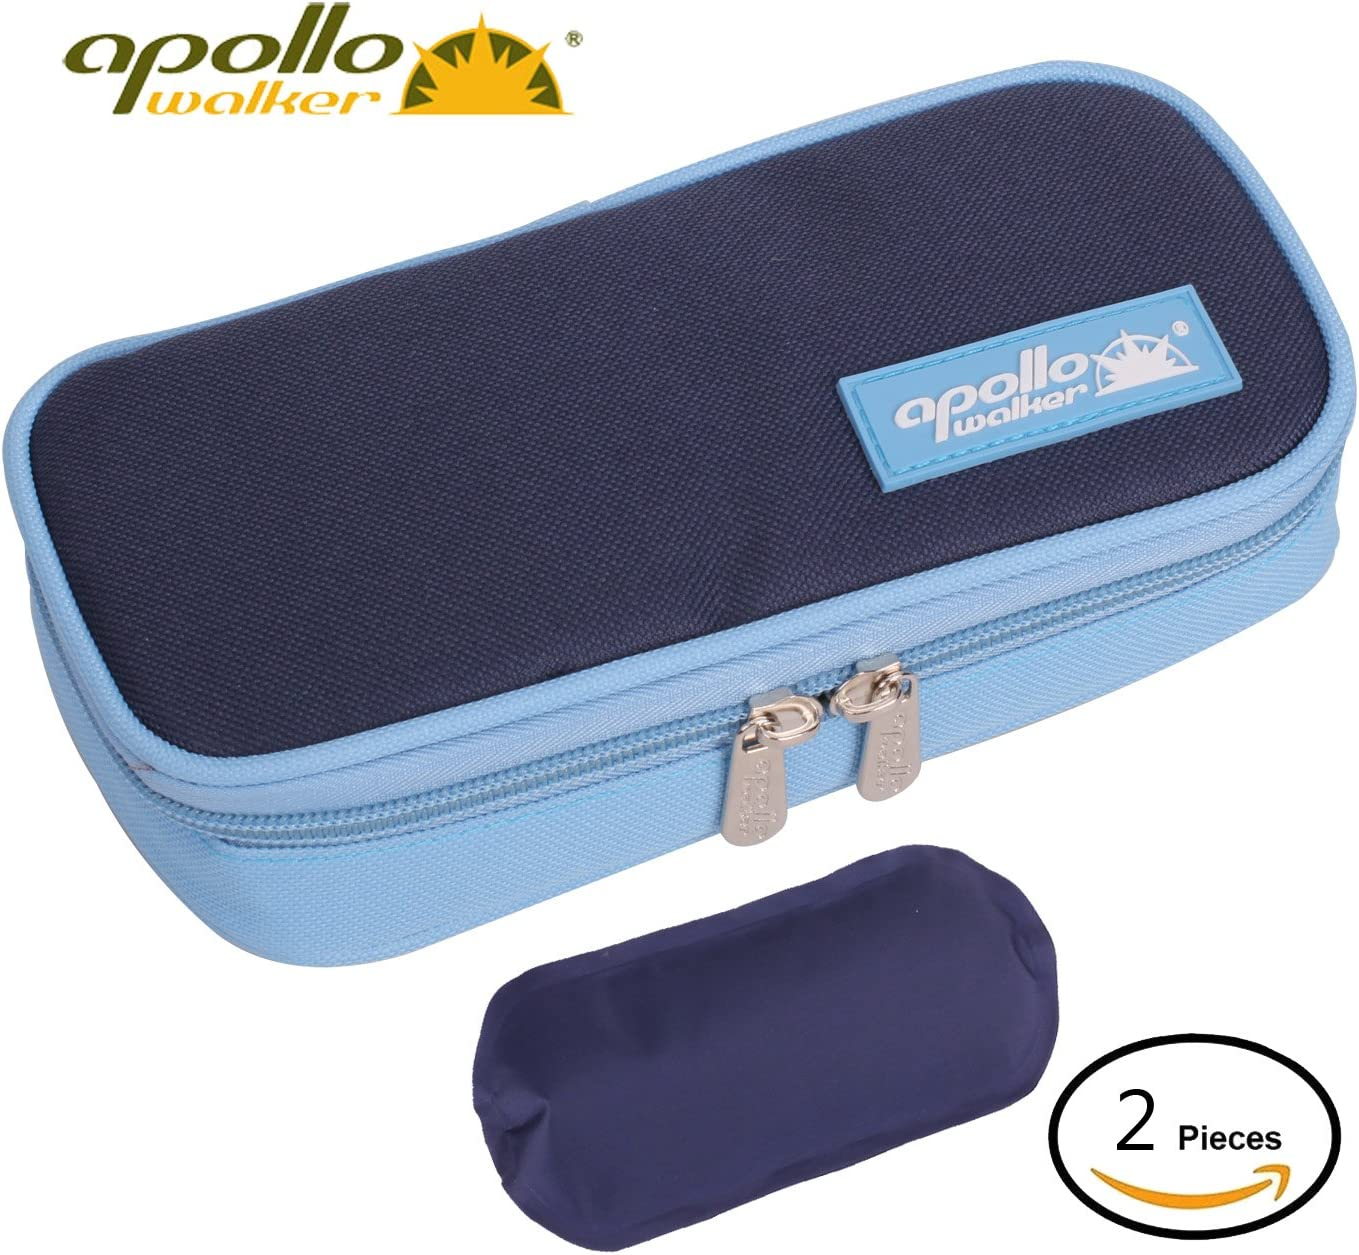 Apollo Walker Diabetes Organizer Medical Cooler Refrigerador de Temperatura más Fresco Bolsa de Viaje Manteniendo el medicamento para la Diabetes refrigerado y Aislado